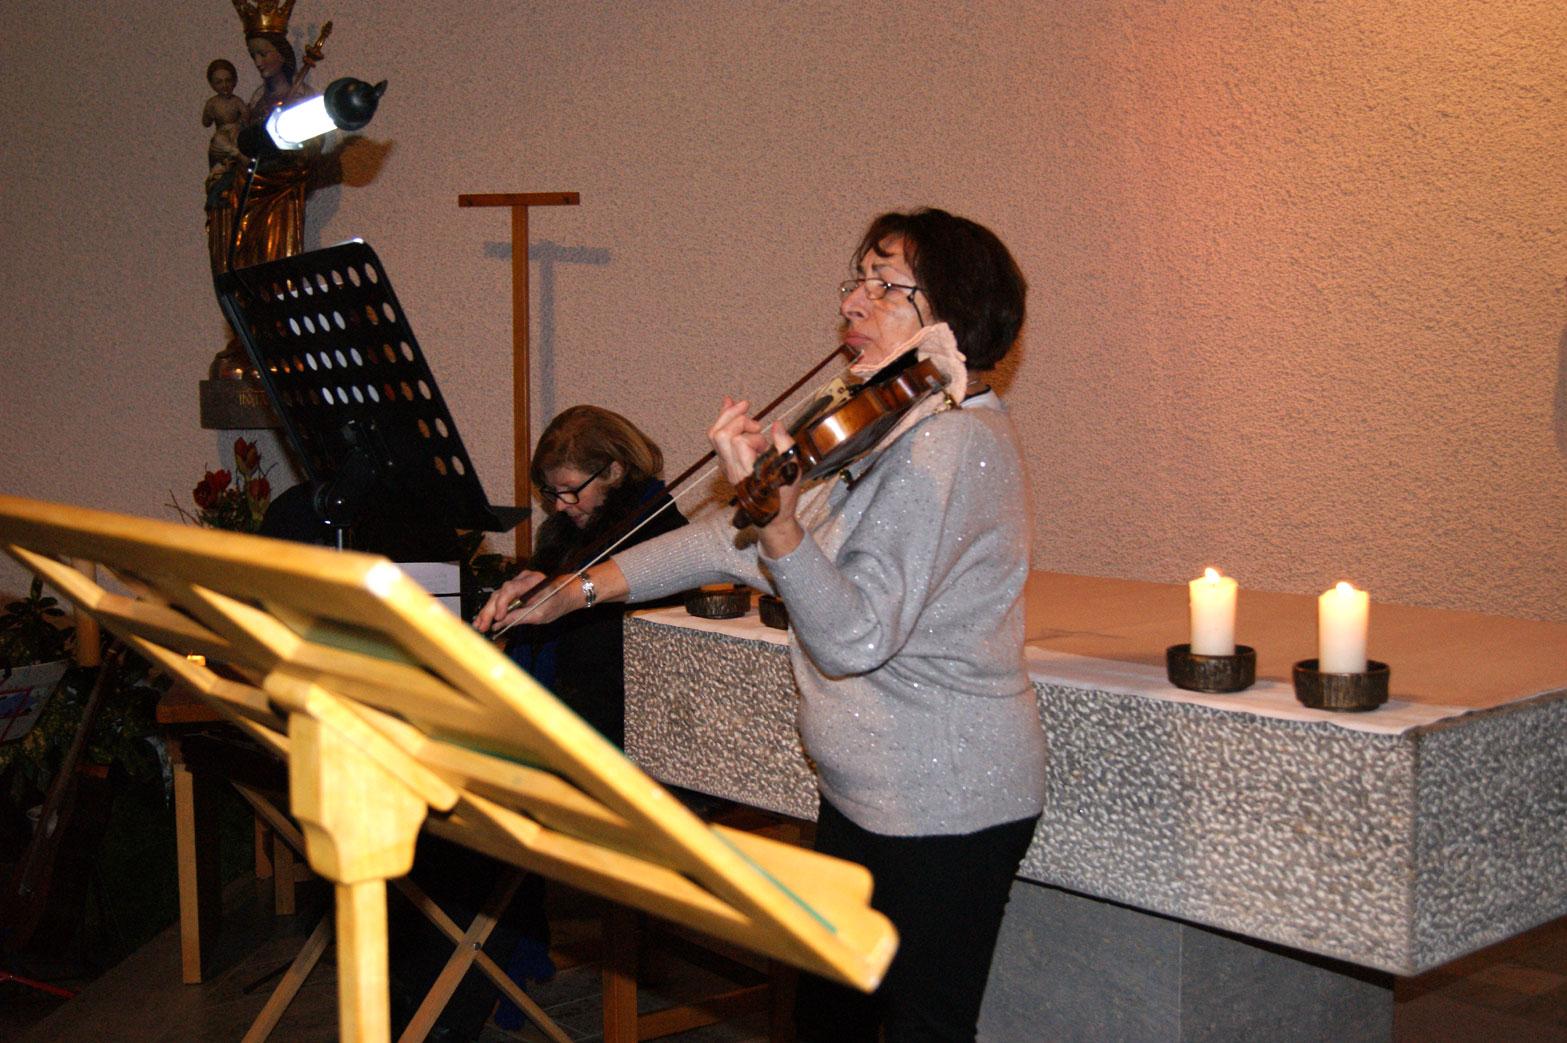 Frau Raysa Gochmann brachte herrliche Geigenklänge in die Kirche